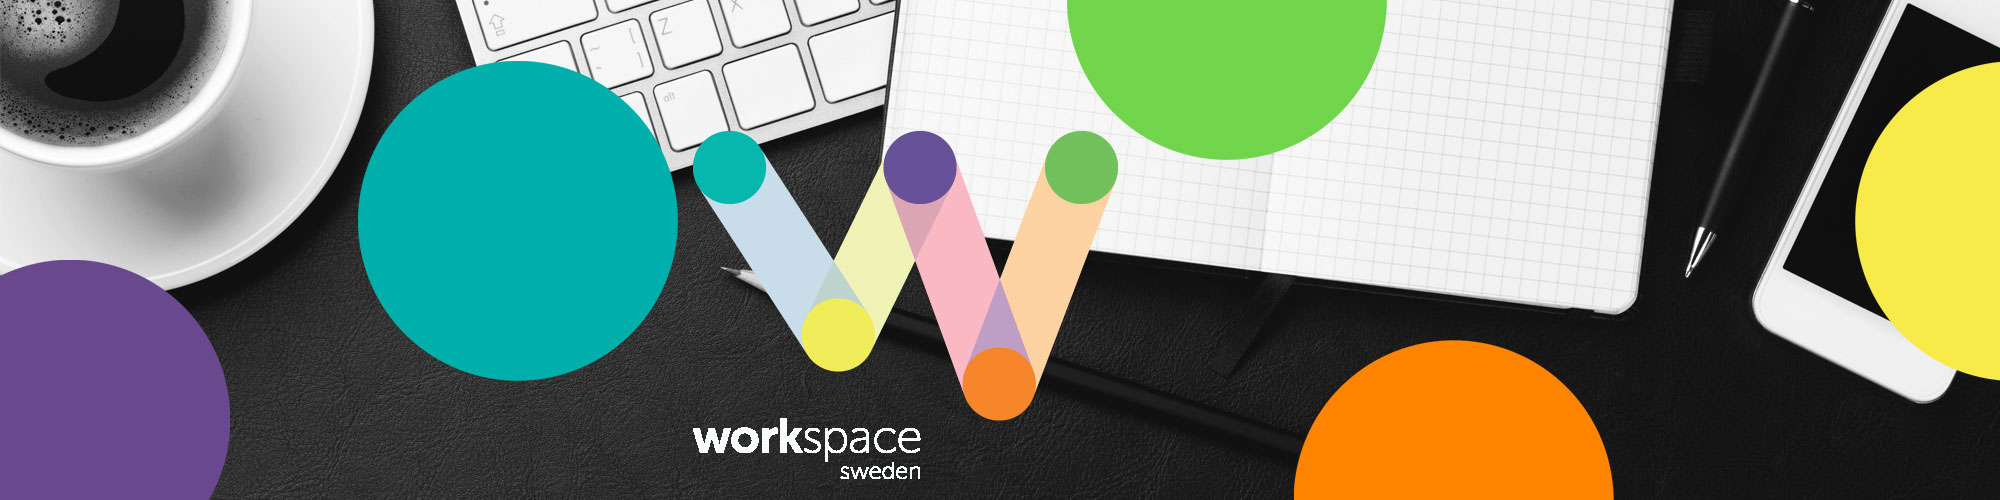 Välkommen till WorkSpace Sweden - Forumet för morgondagens arbetsplats 1